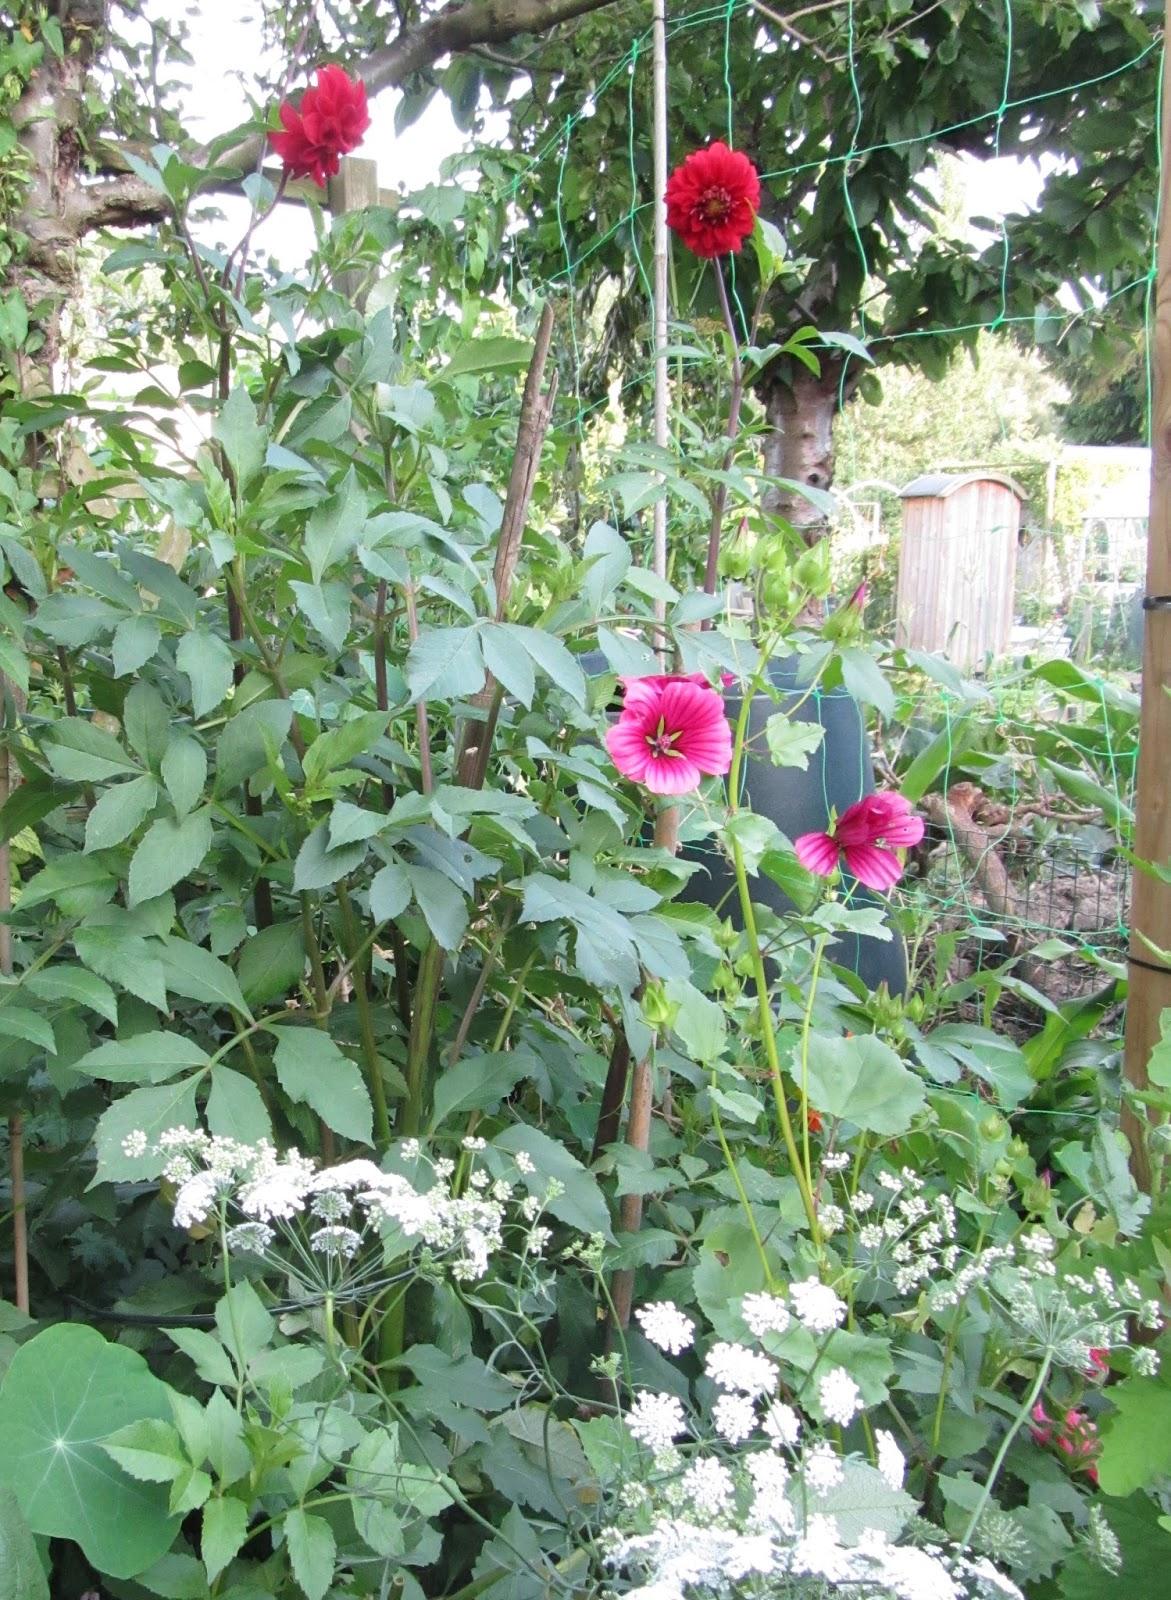 Het tuinhuisje van roos raak: een rondje door de tuin begin augustus